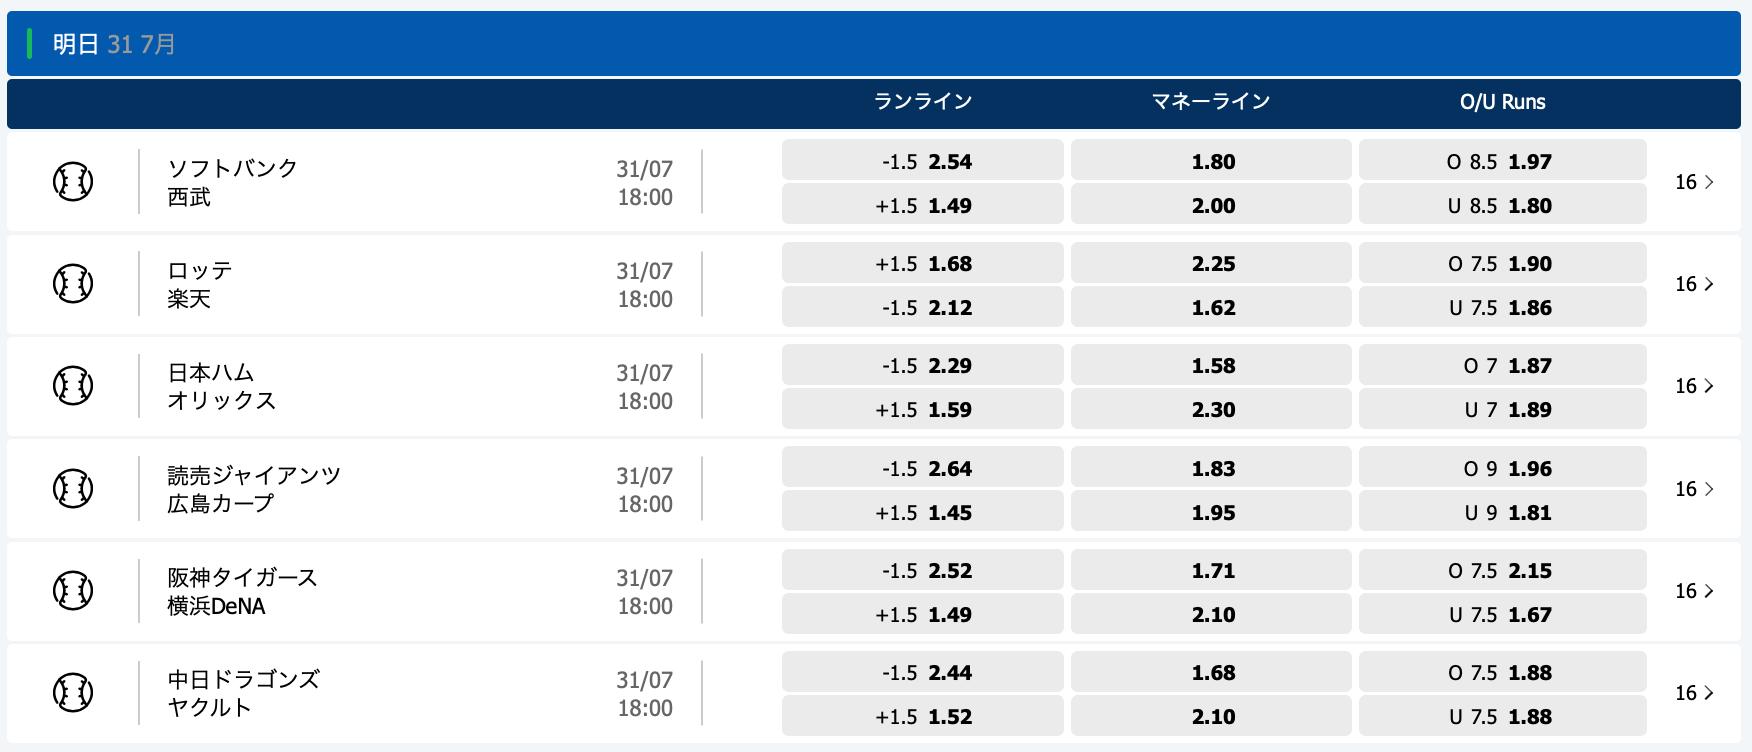 2020.7.31 プロ野球オッズ・10bet Japan